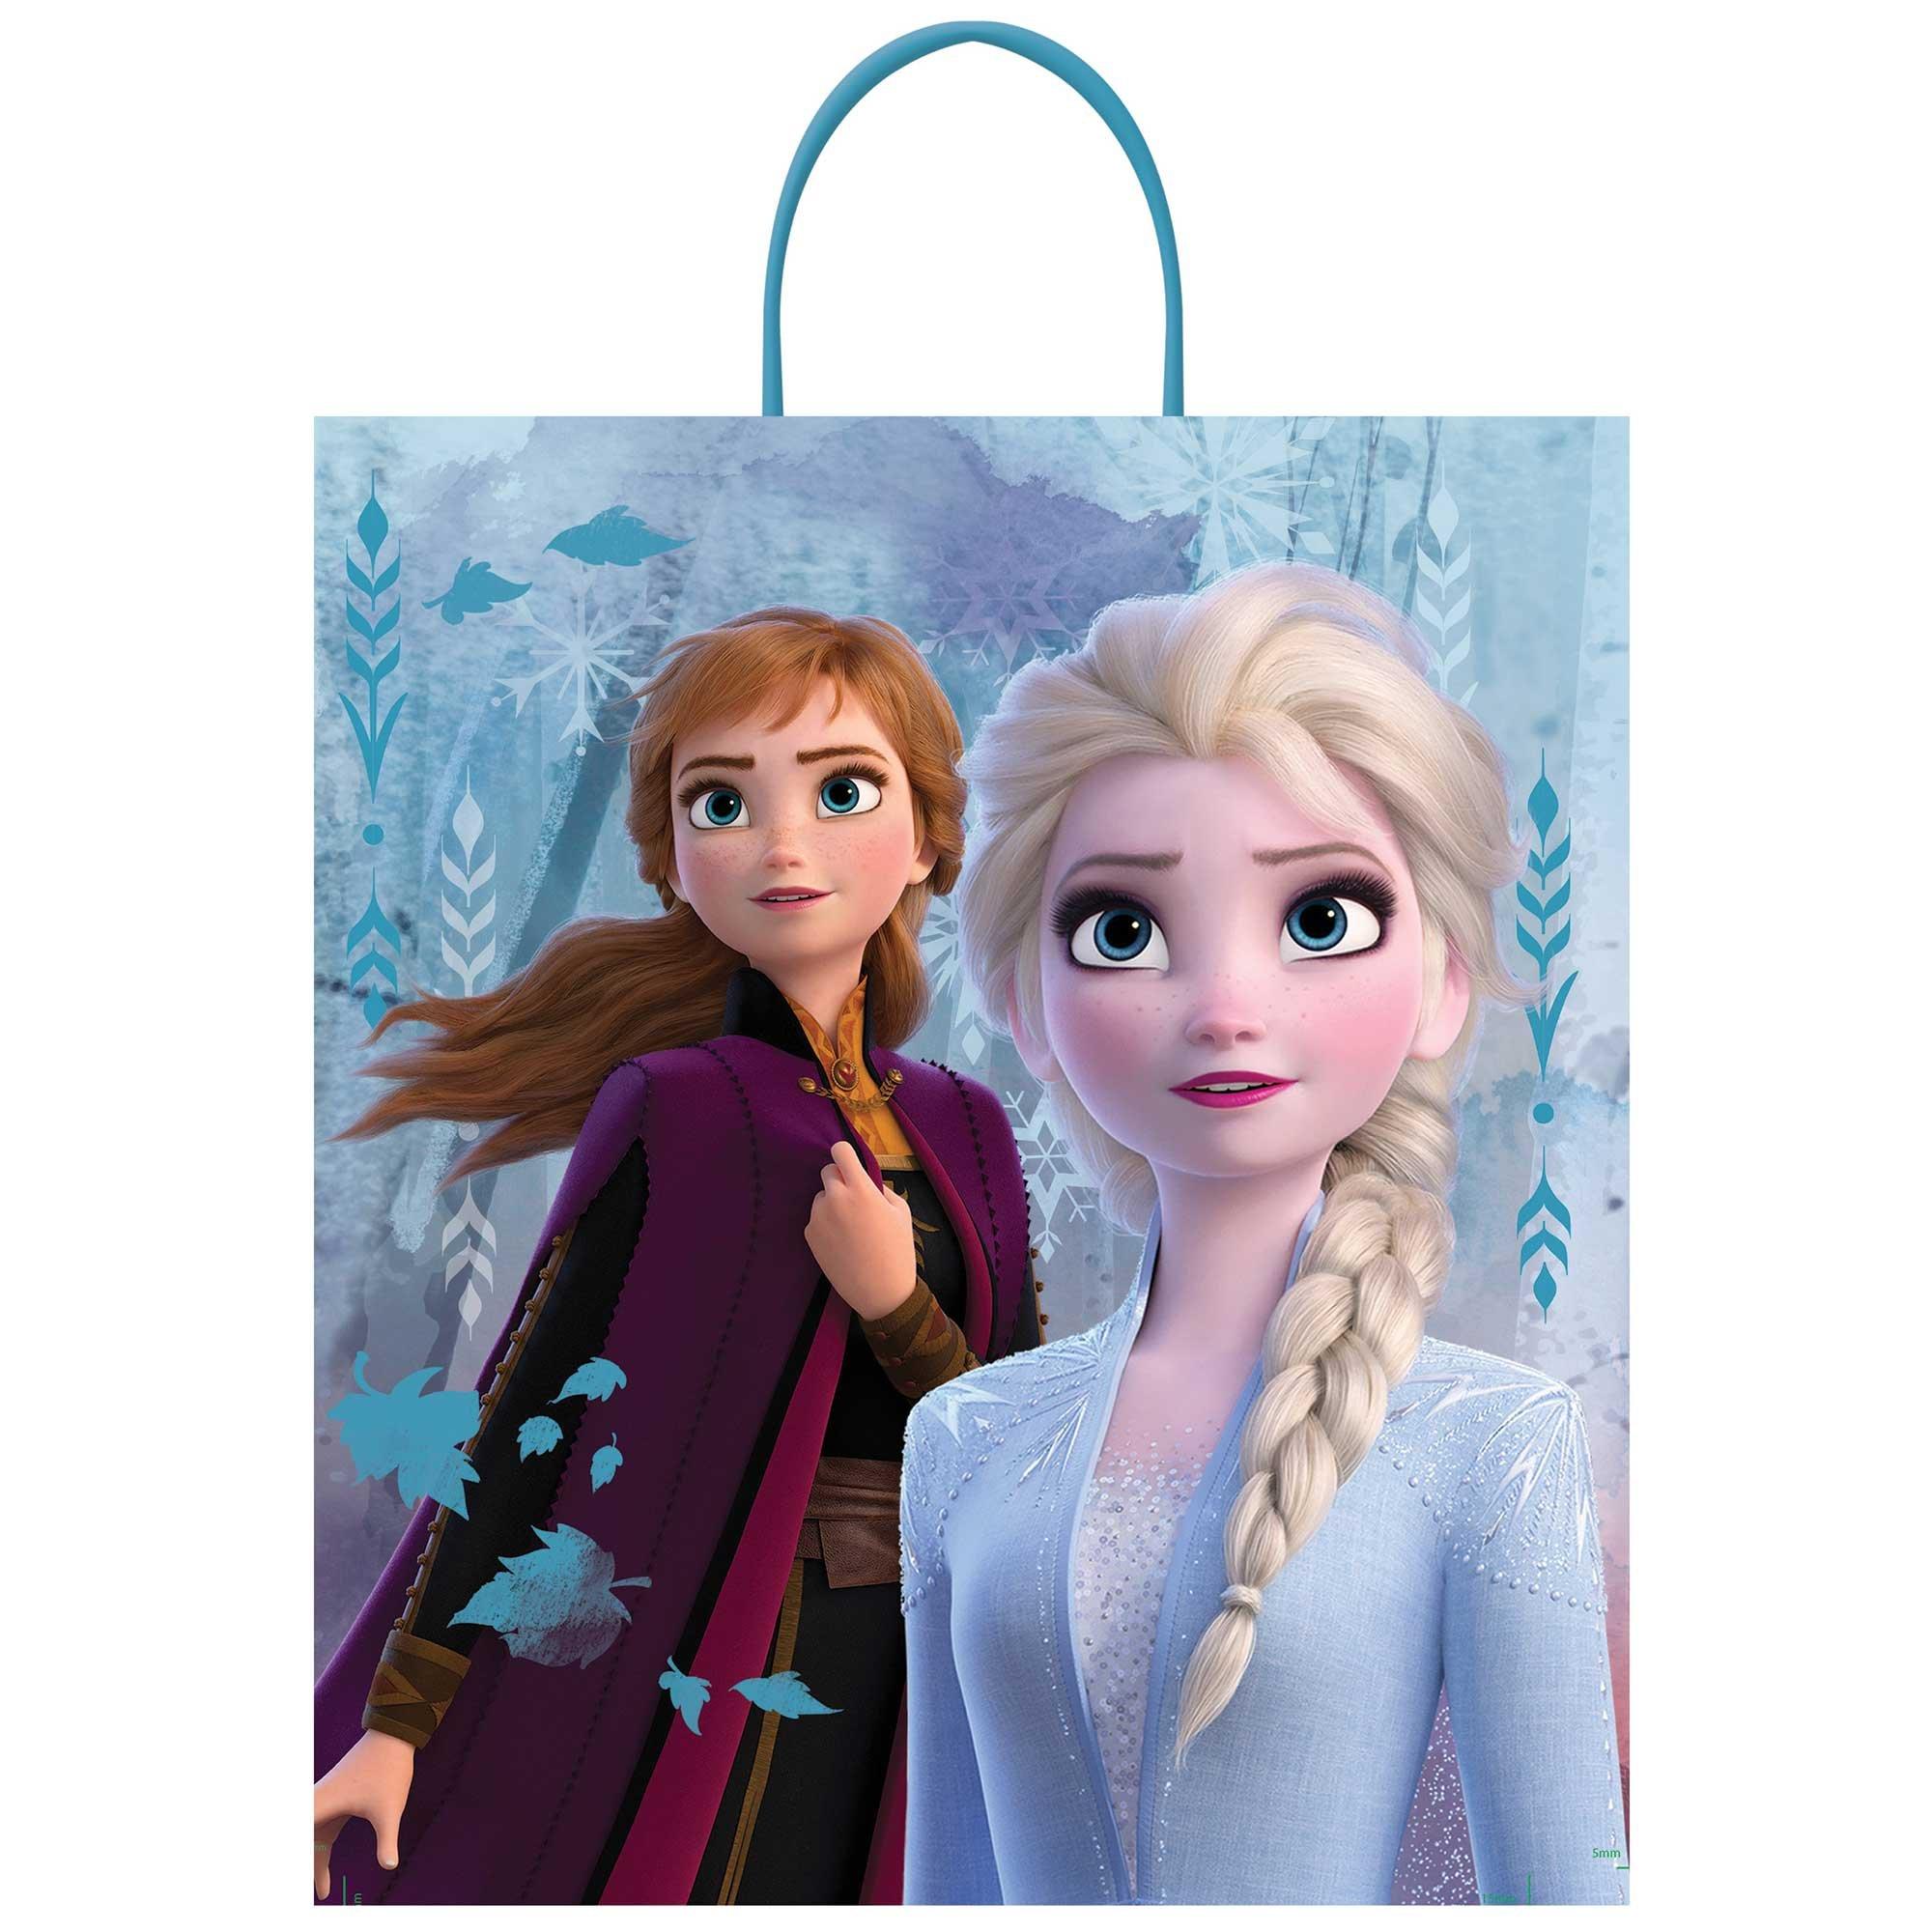 Frozen 2 Deluxe Loot Bag